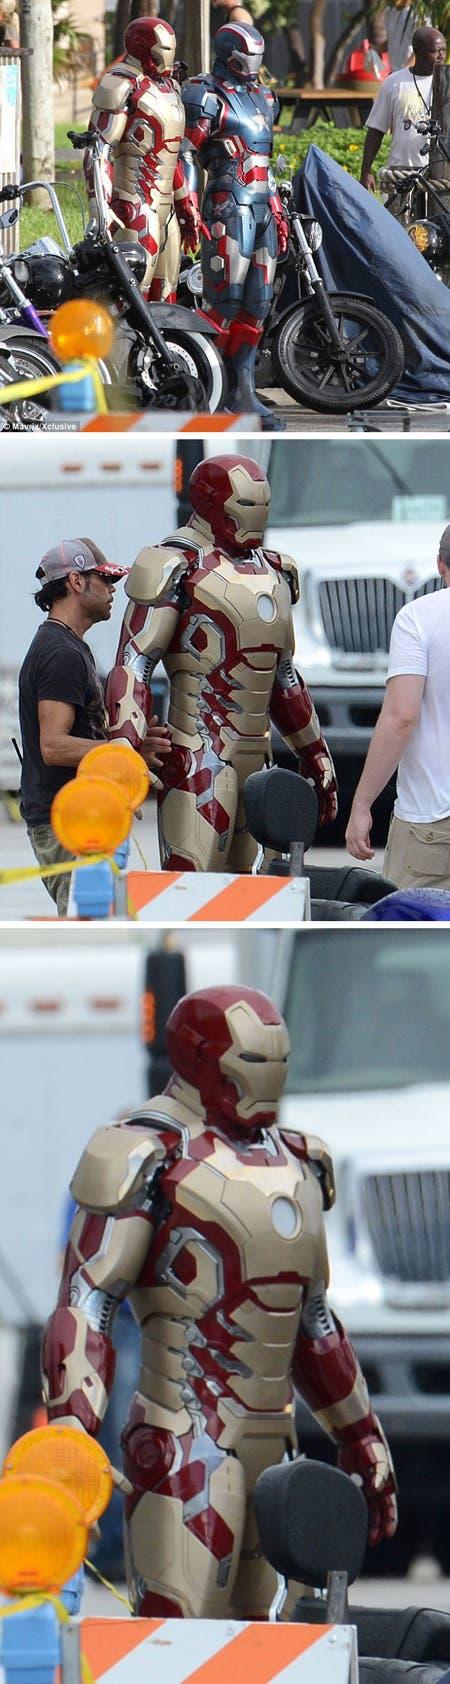 Imágenes del rodaje de Iron Man 3